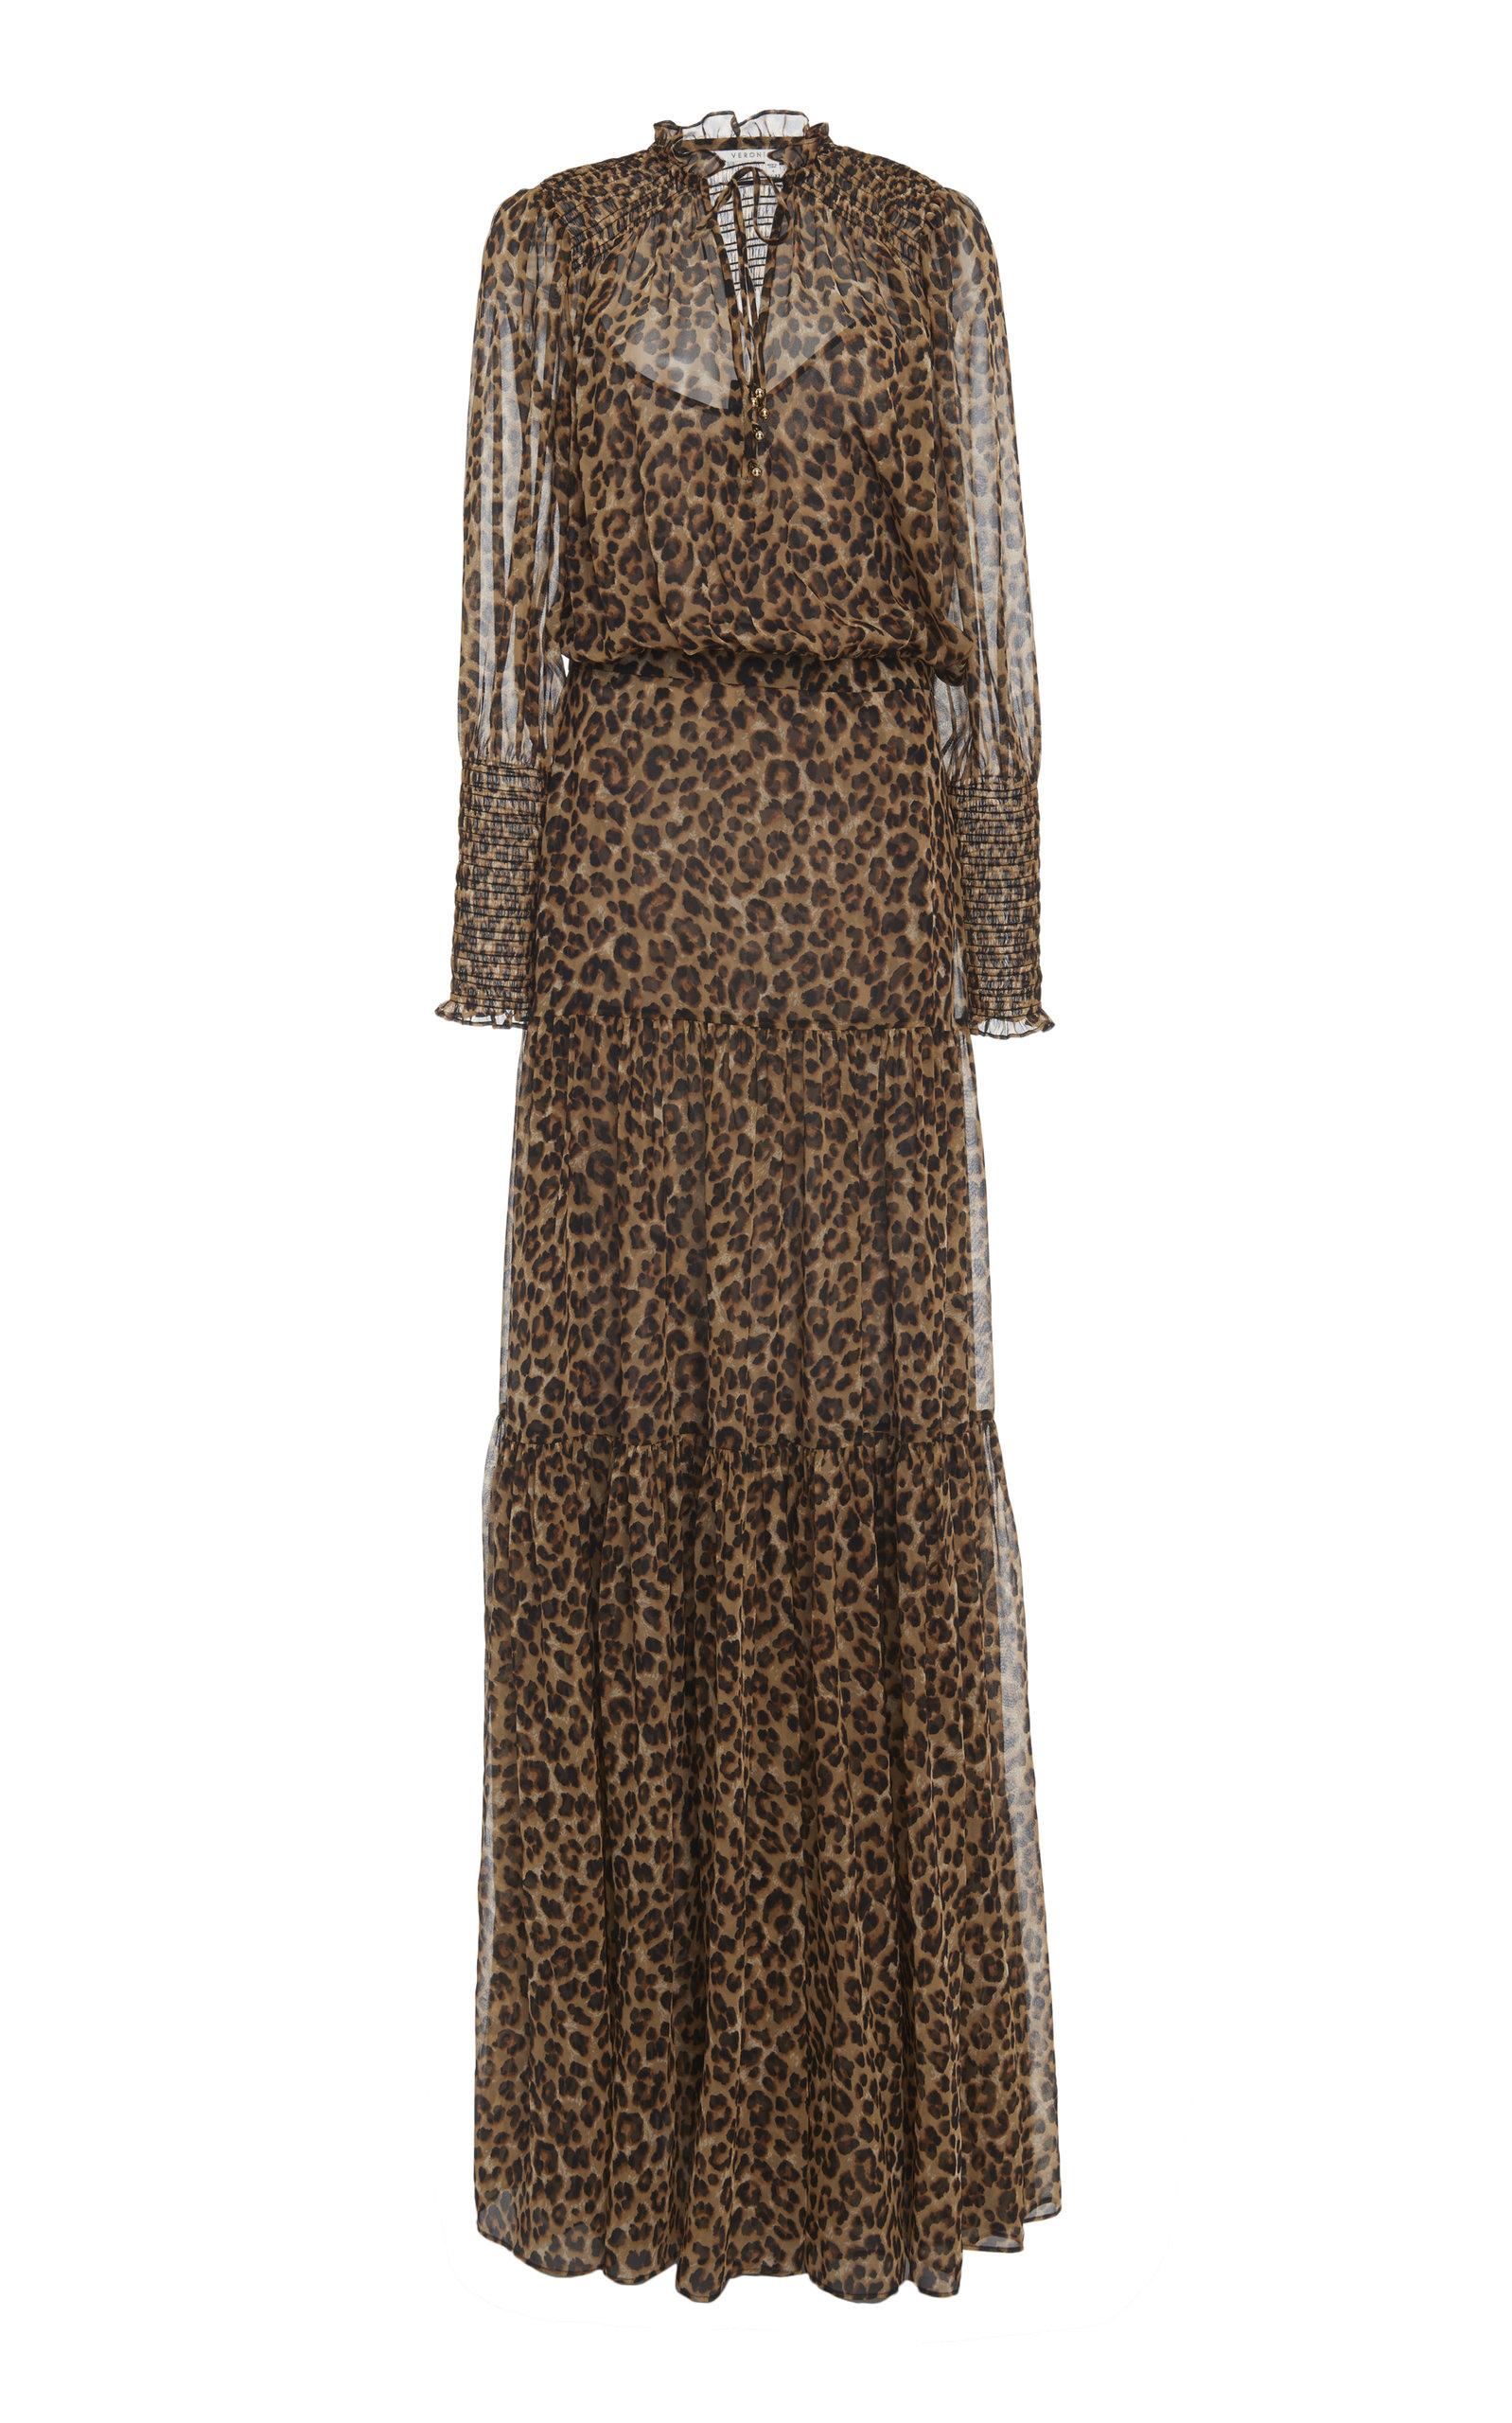 342b5372121d8b Stacia Tiered Leopard-Print Silk Maxi Dress by Veronica Beard